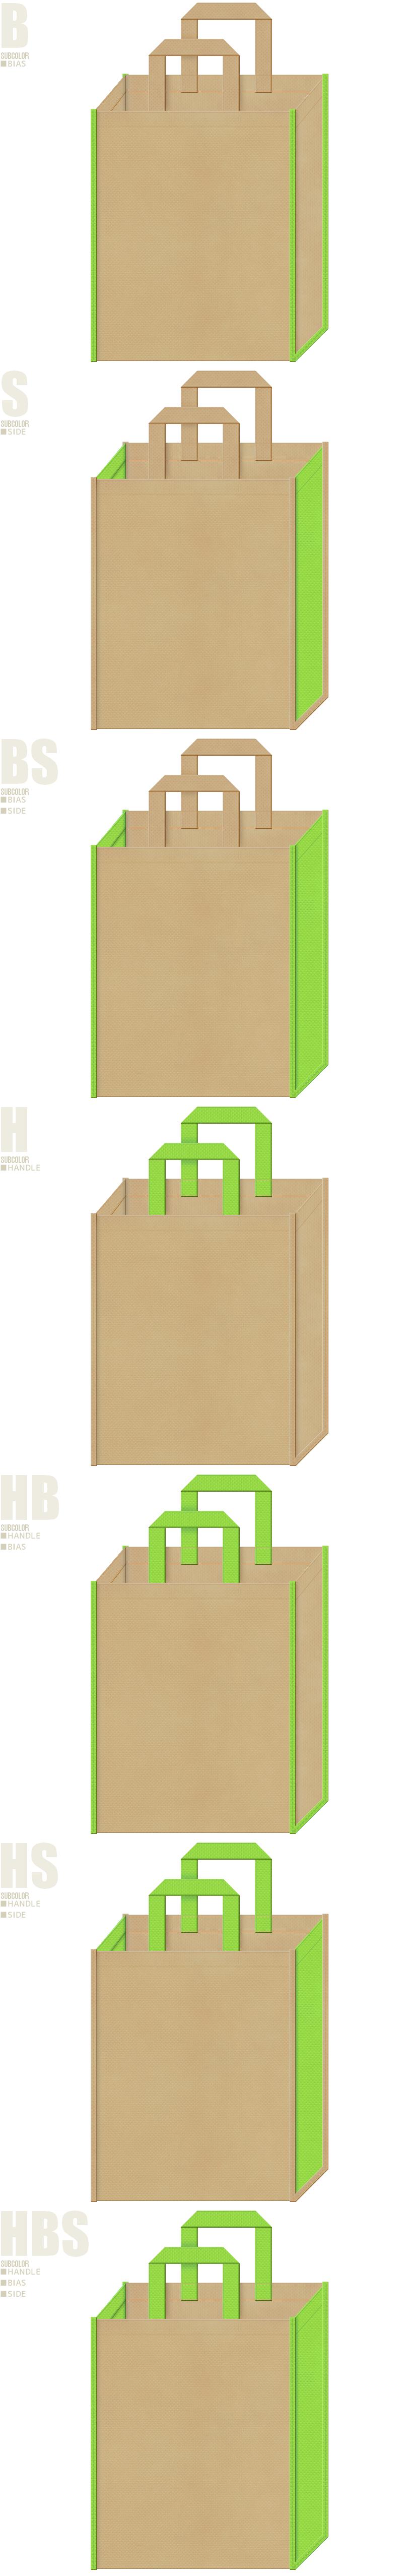 野菜・農業・牧場・産直市場・園芸用品の展示会用バッグにお奨めの不織布バッグデザイン:カーキ色と黄緑色の配色7パターン。